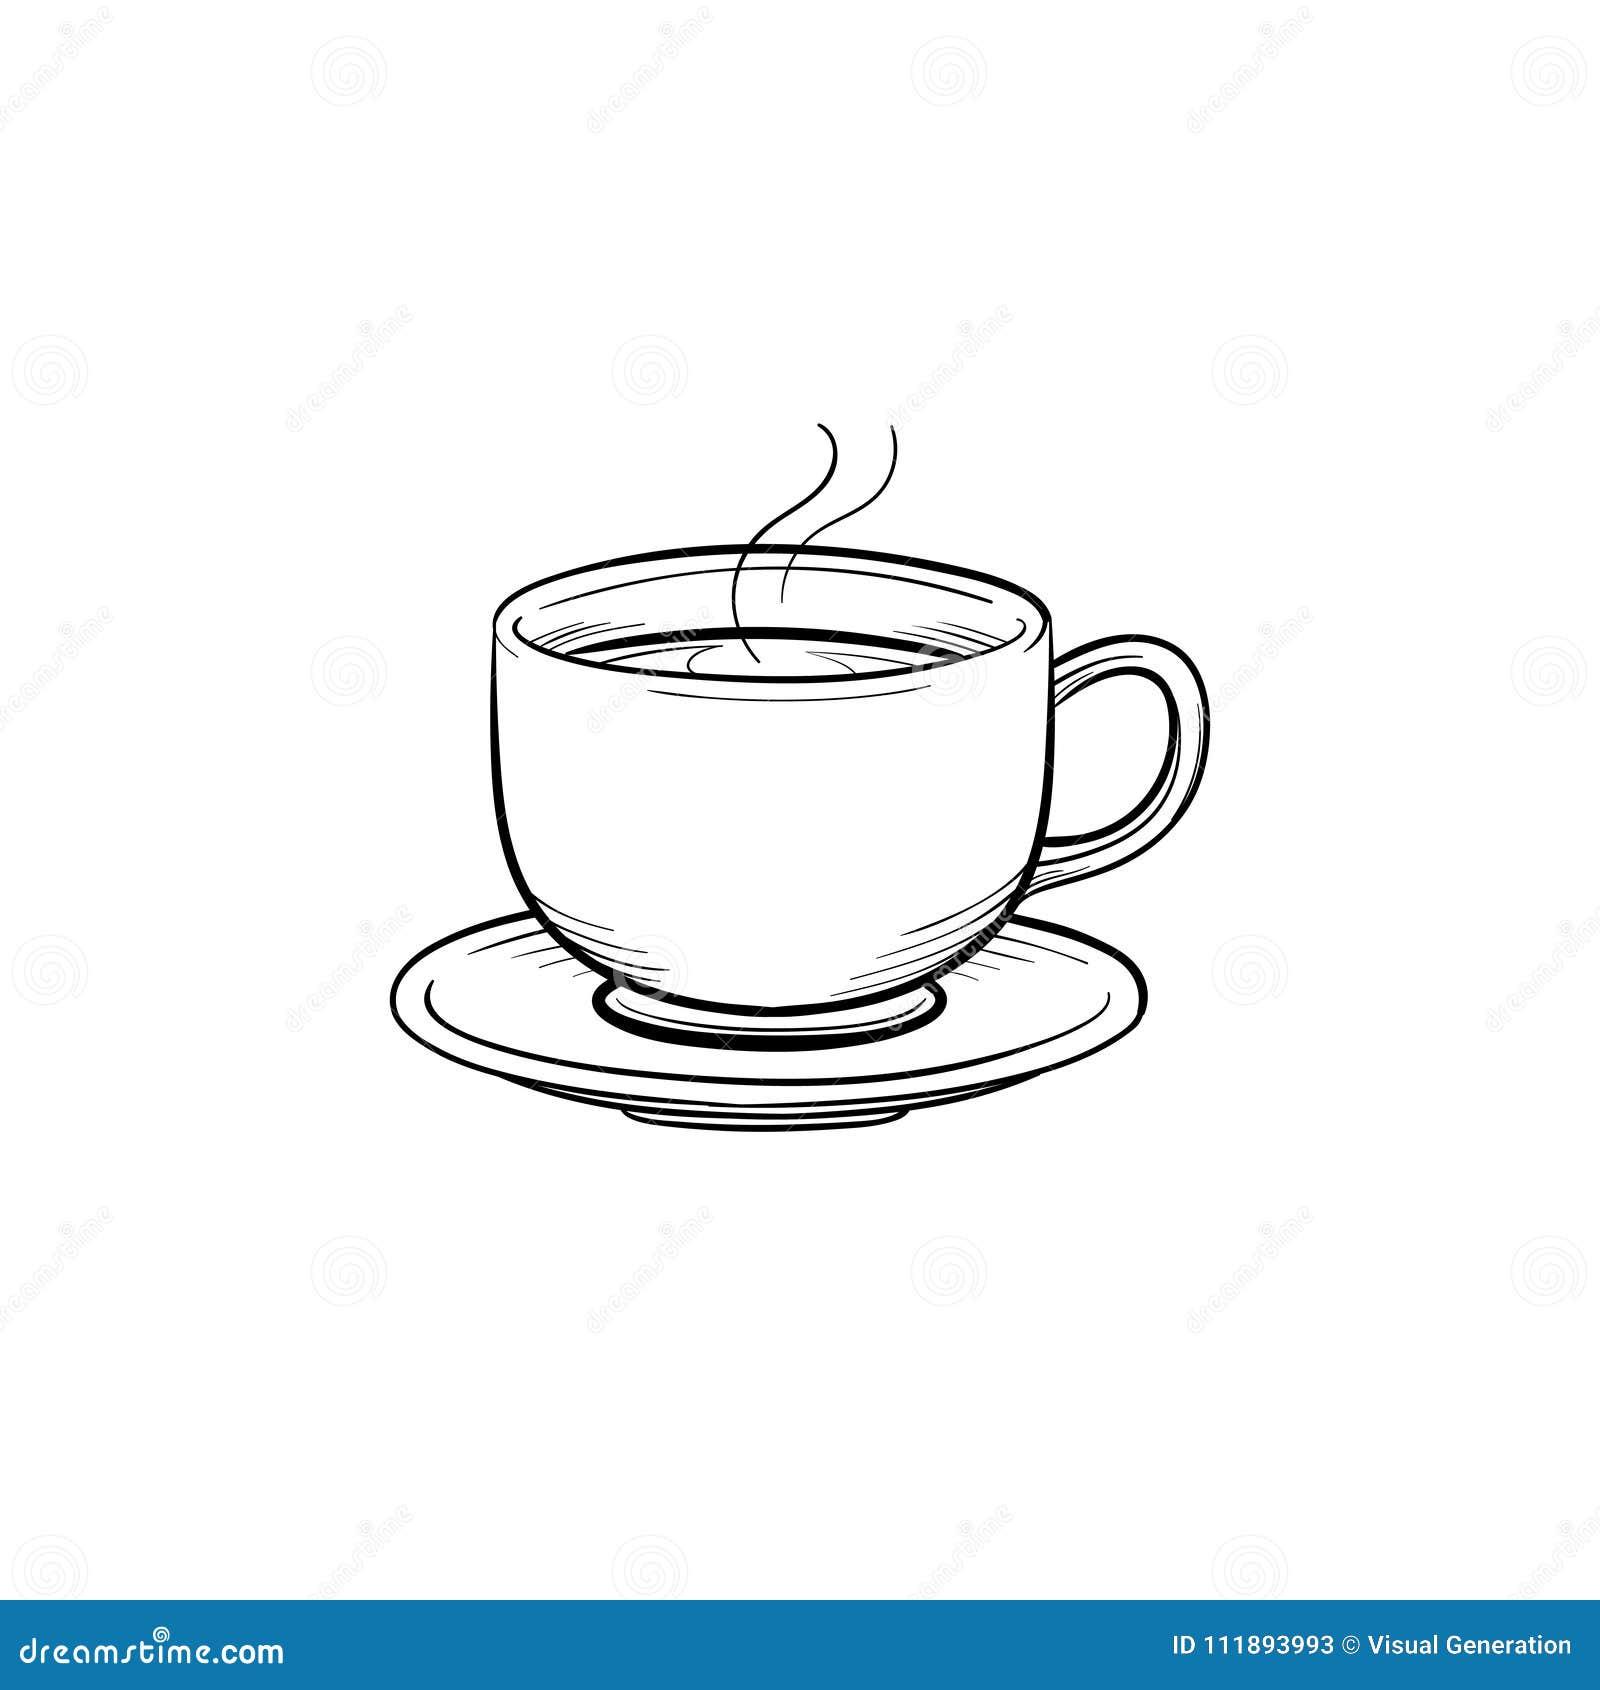 Gezeichnete Skizzenikone Der Kaffeetasse Hand Vektor Abbildung